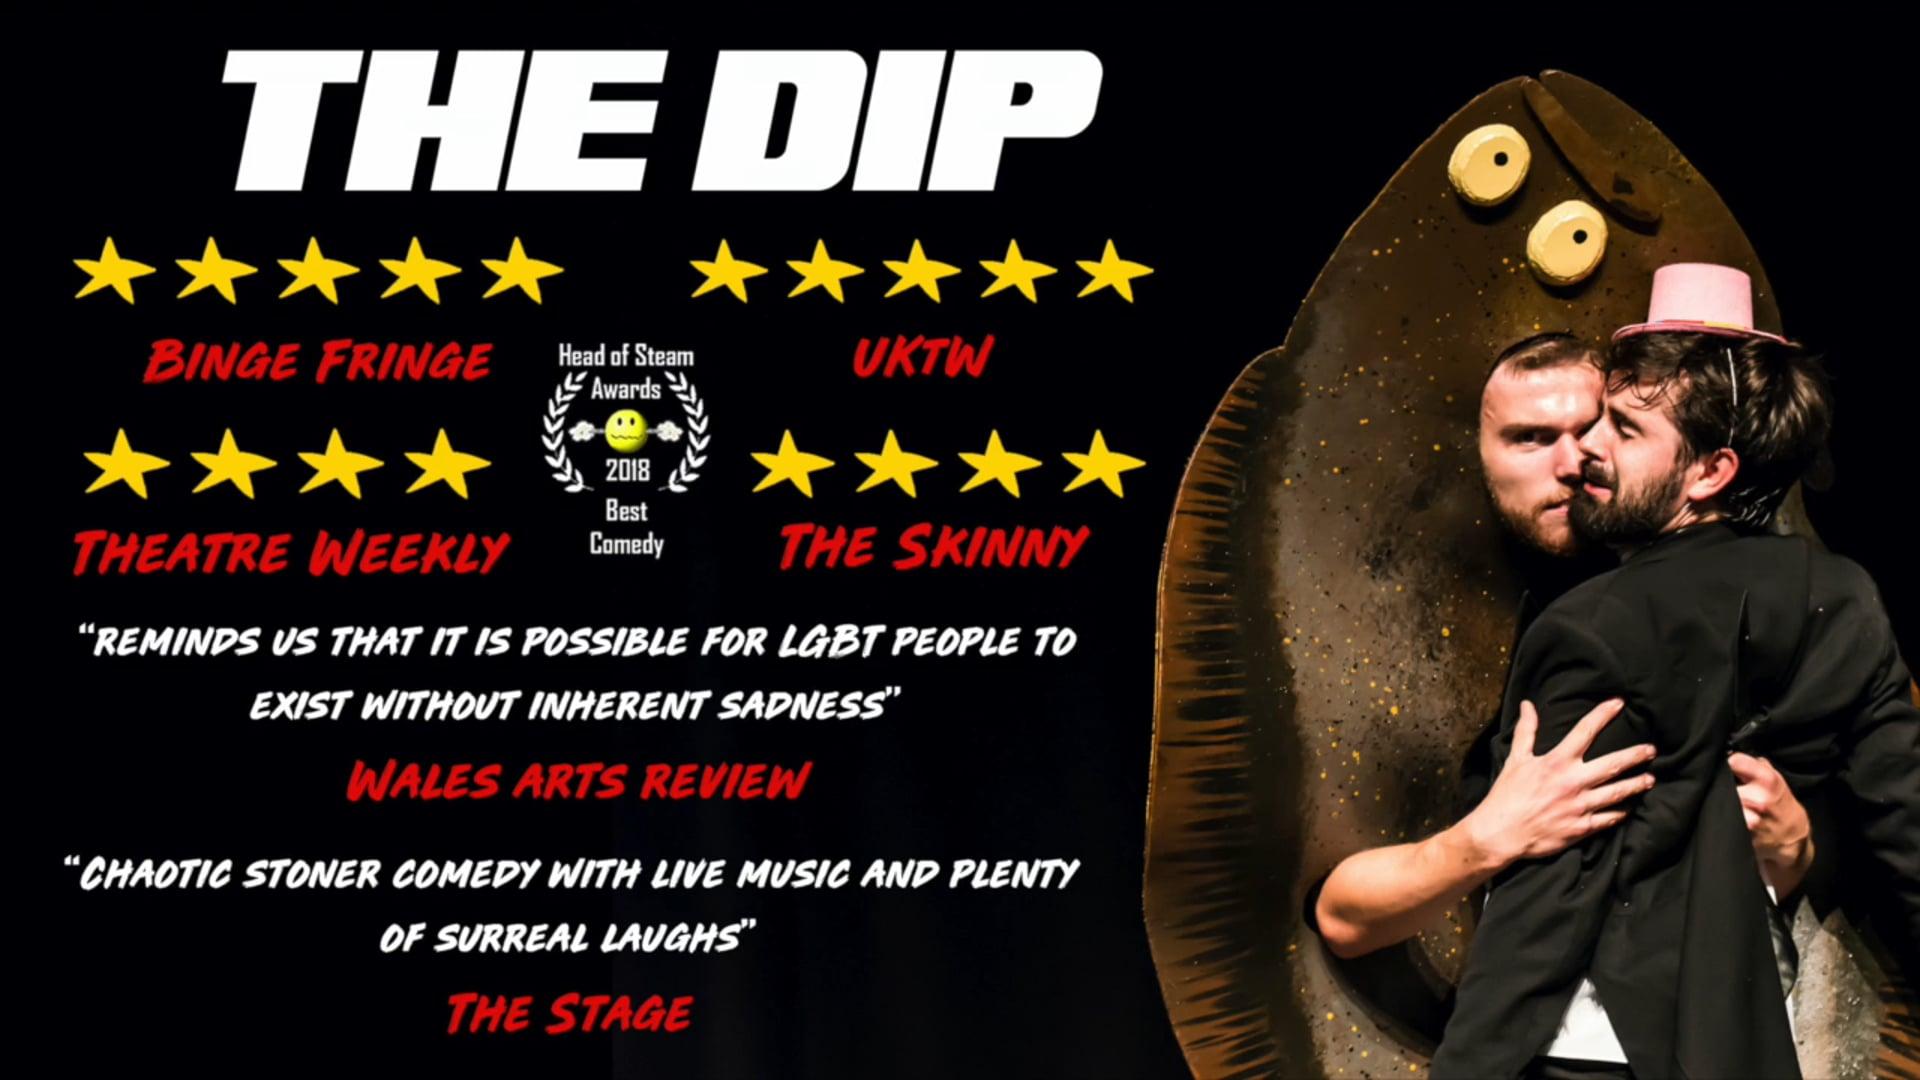 THE DIP promo material